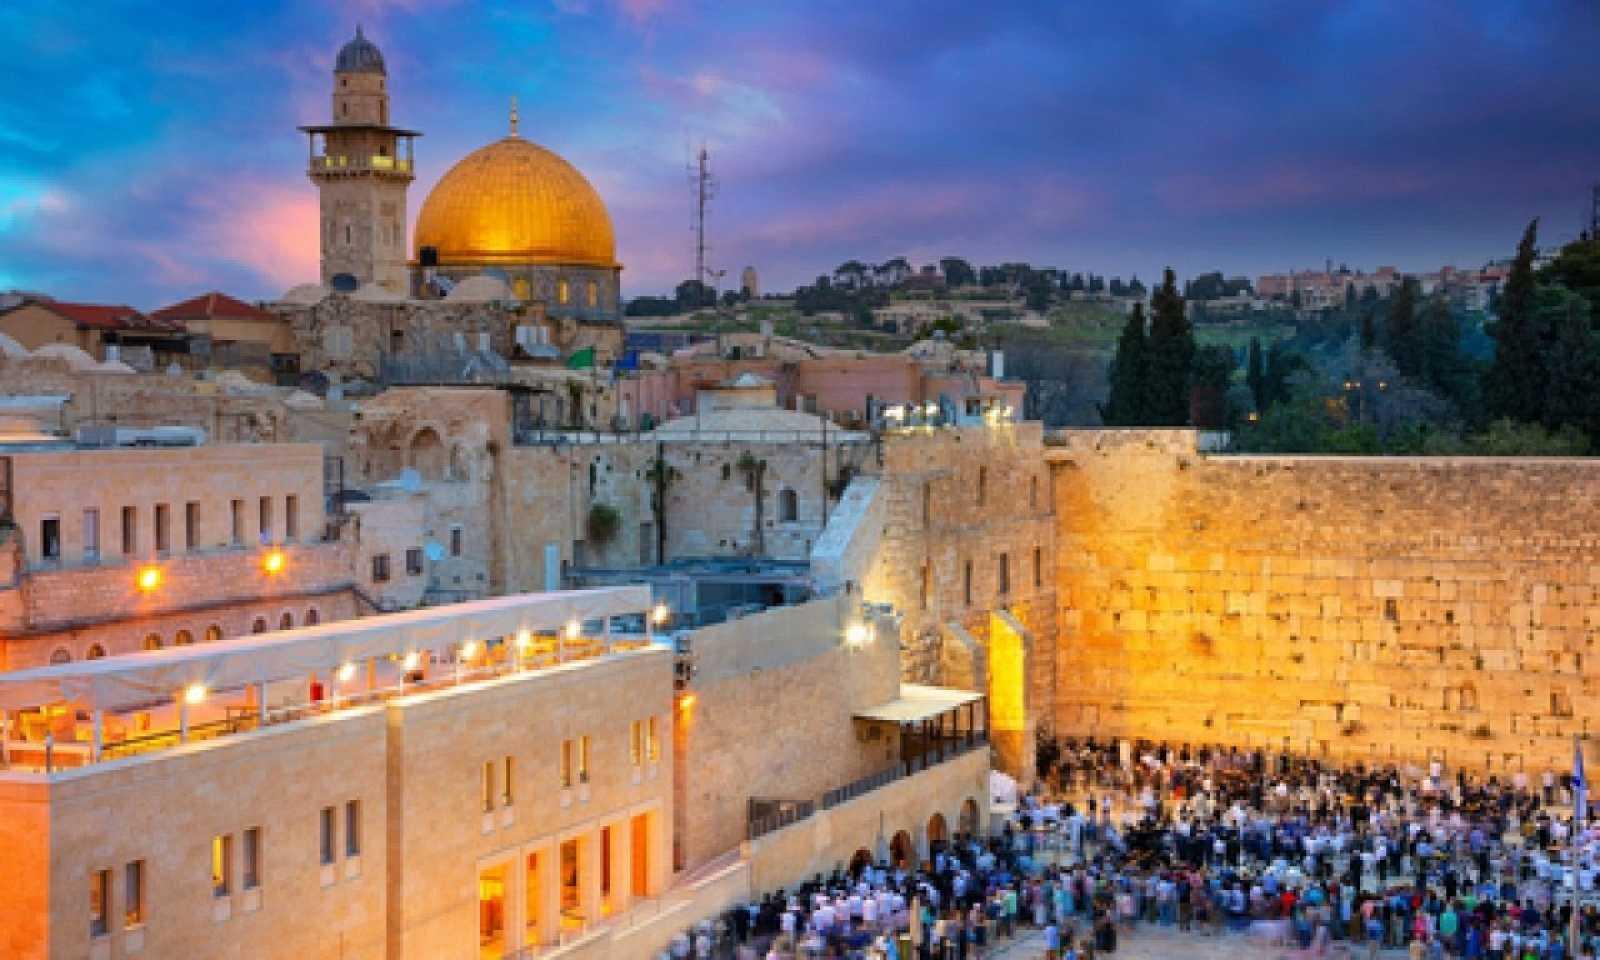 Tarde lo que tarde - Israel a cara descubierta - 22/04/21 - escuchar ahora